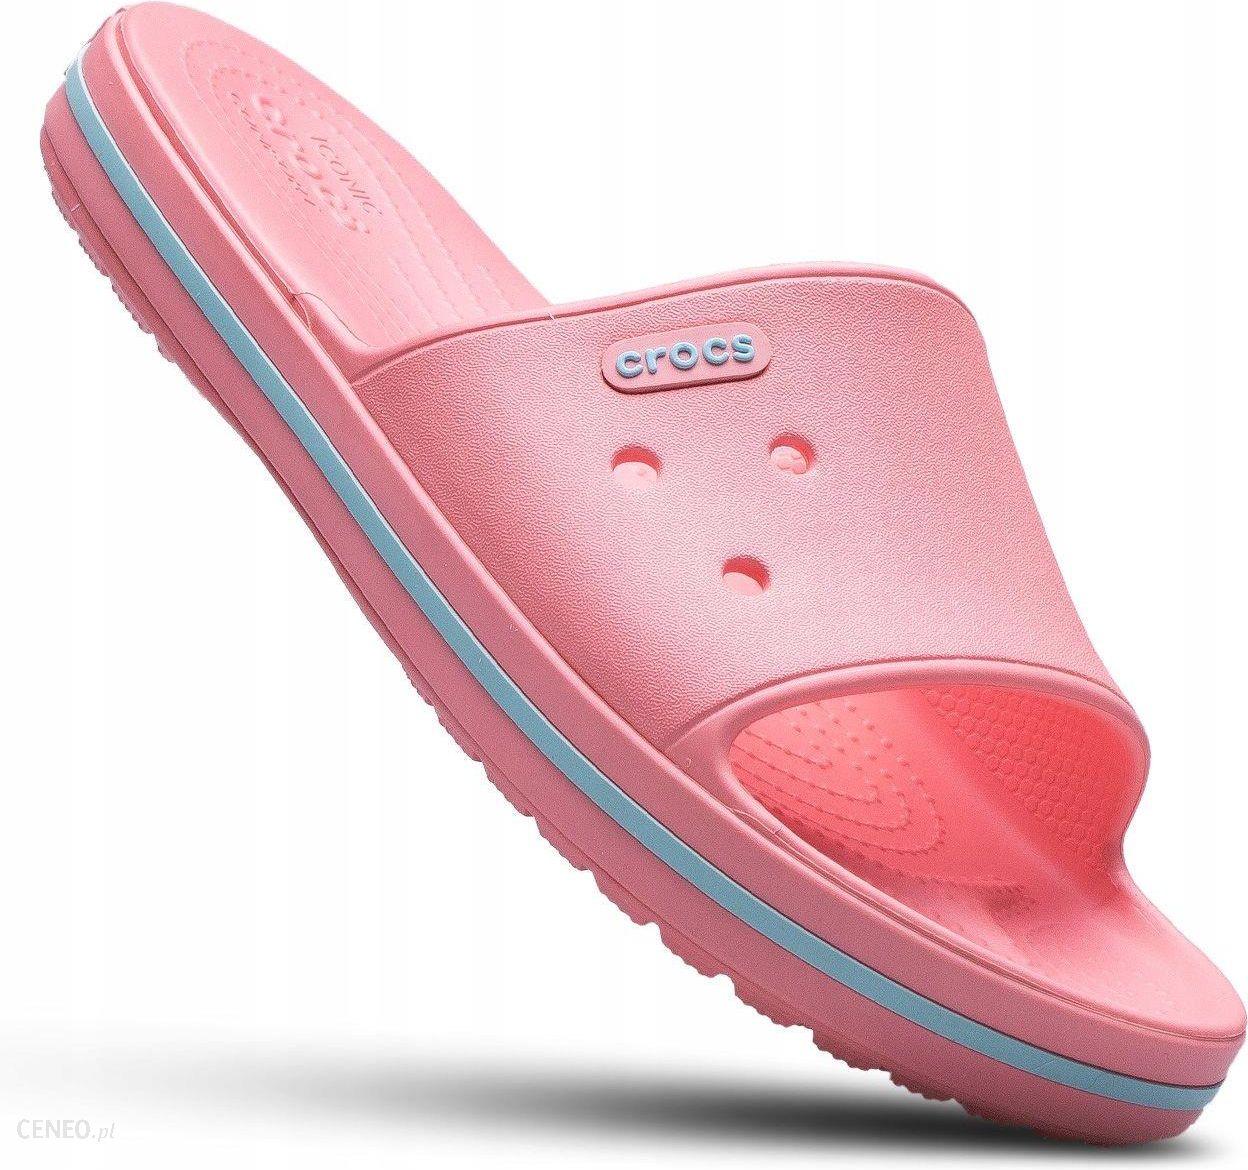 5b0d89cf8a532f Crocs klapki damskie kąpielowe basen plażę różowe - Ceny i opinie ...